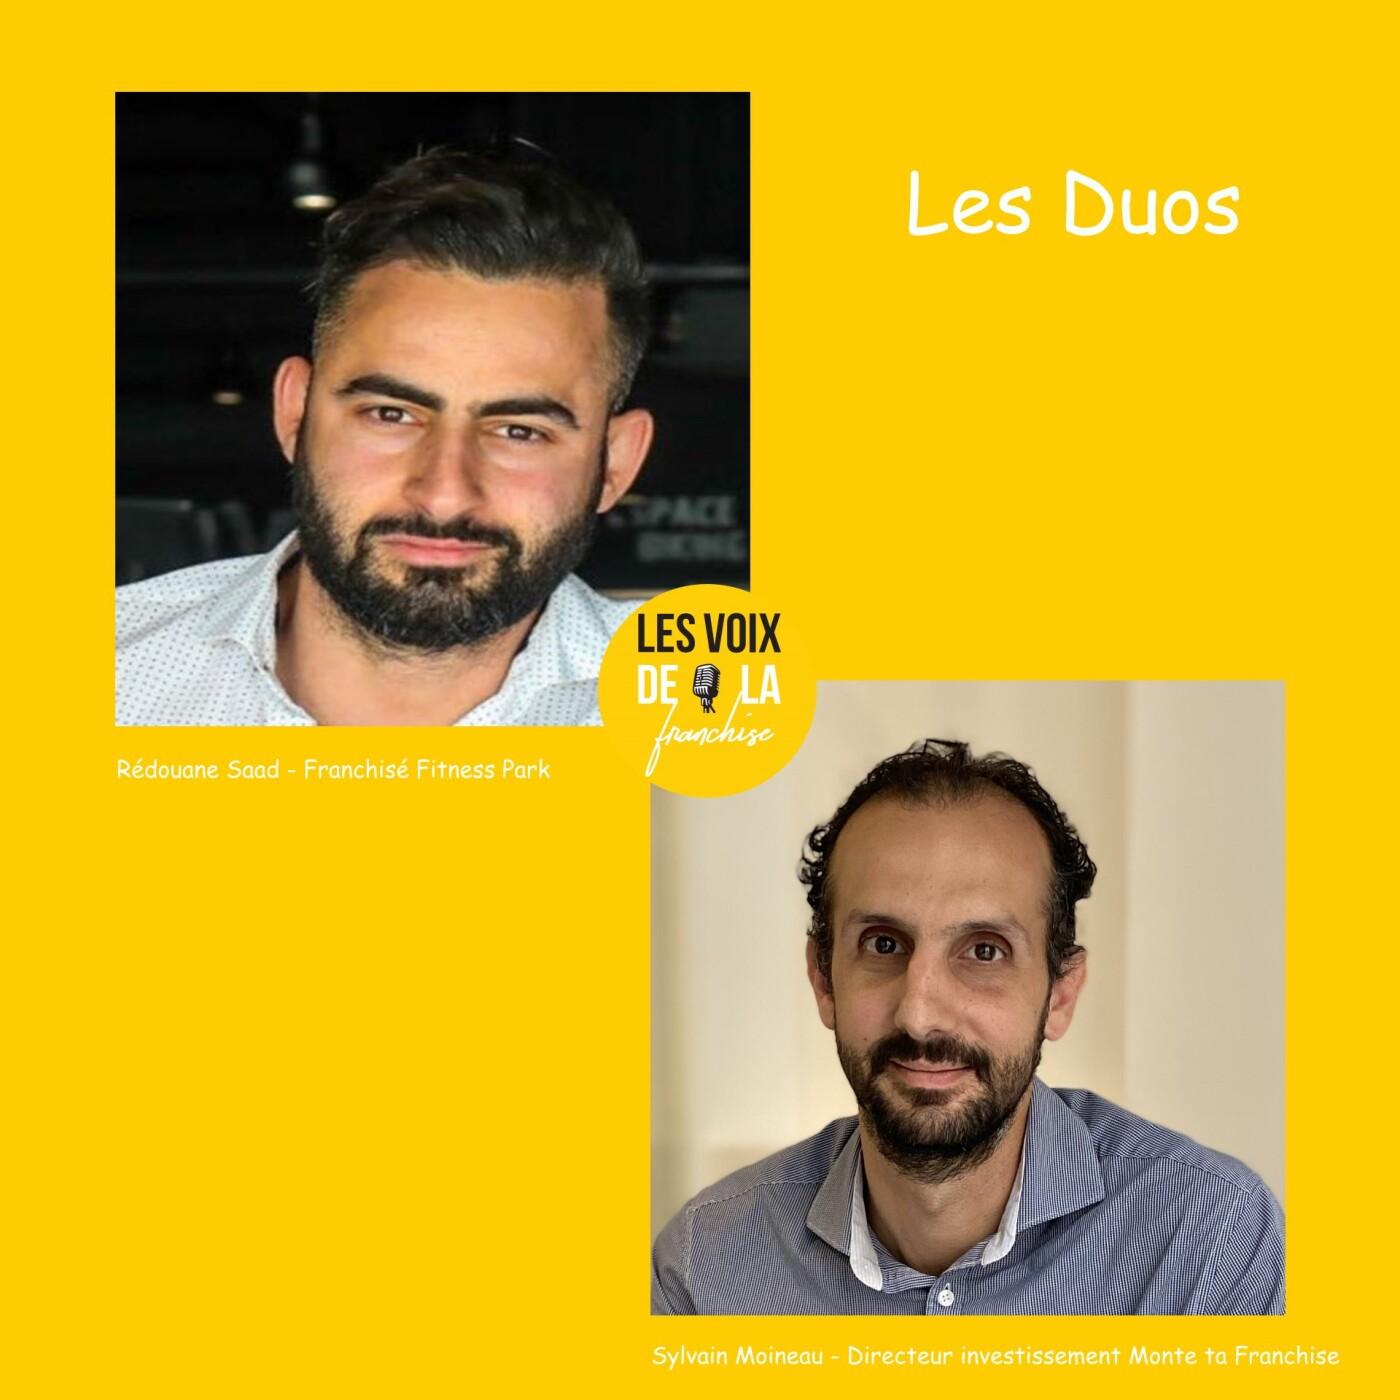 25 Sylvain Moineau et Rédouane Saad – Monte ta Franchise et Fitness Park, le duo gagnant !